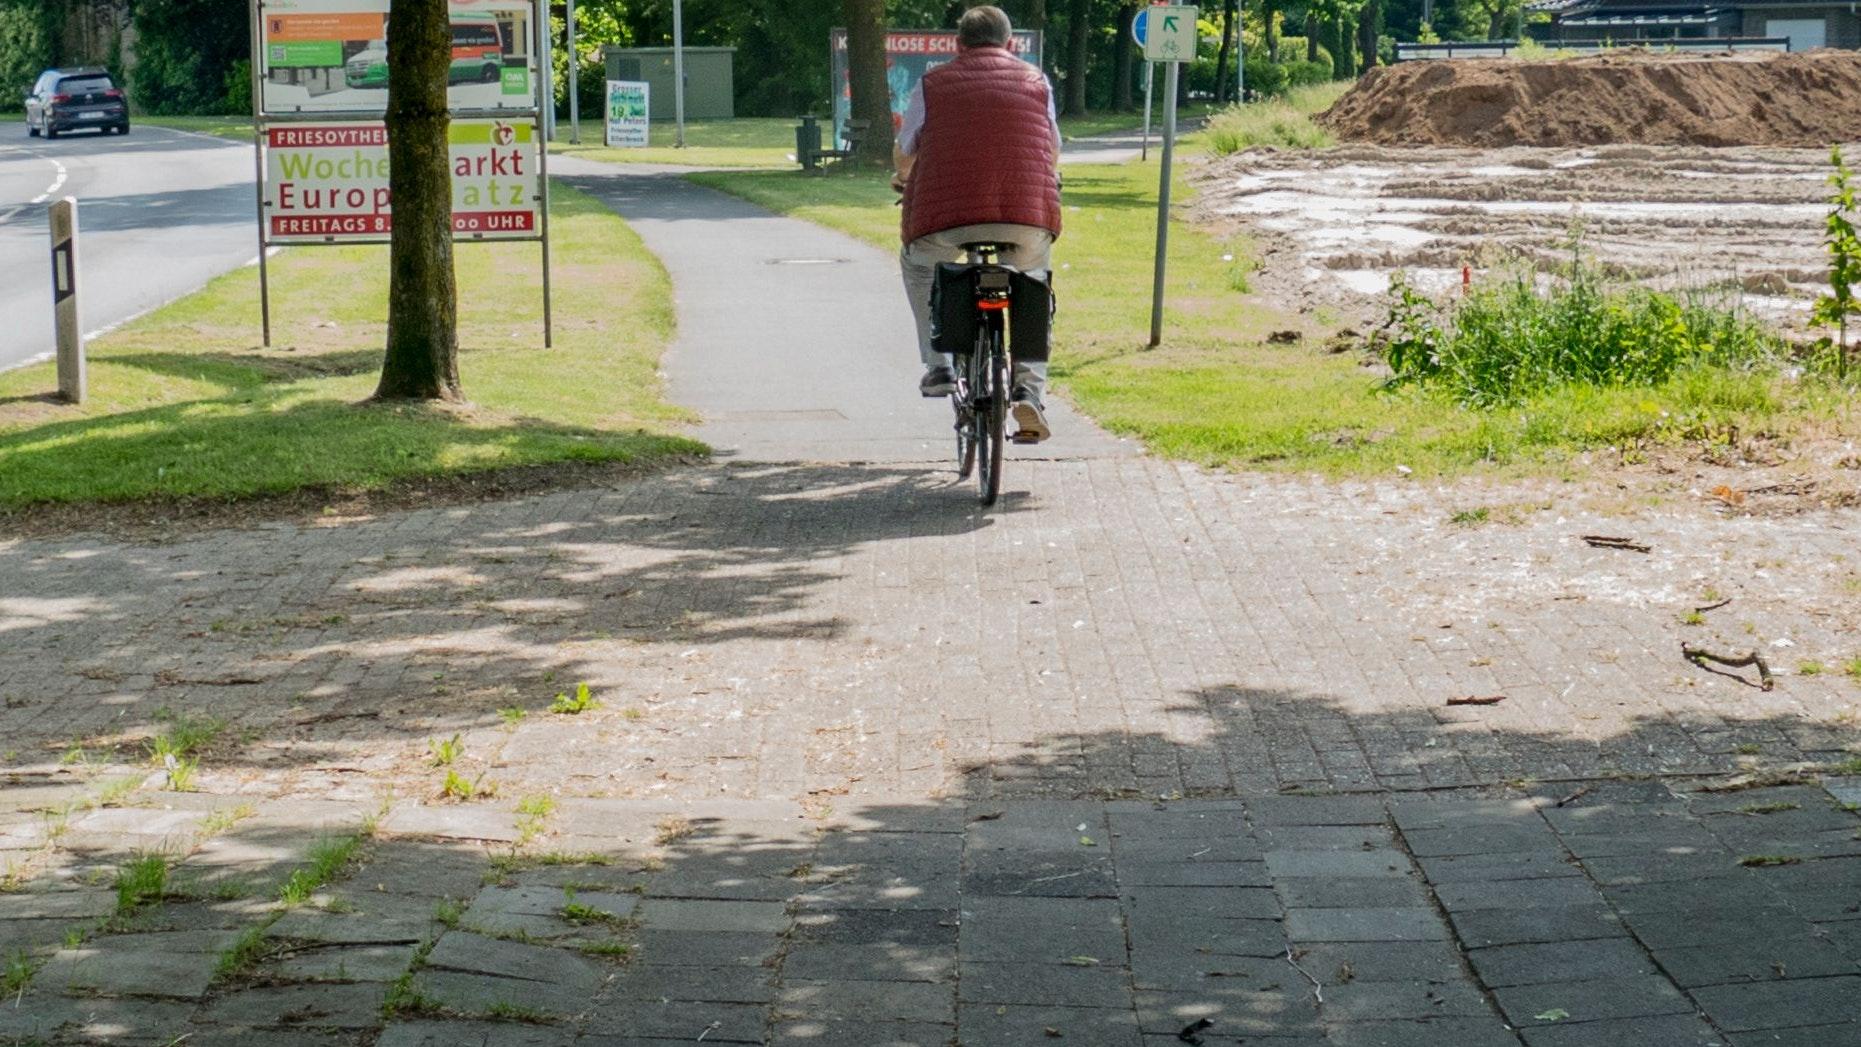 Sanierungsbedürftig: Wie viele andere ist auch der Rad- und Fußweg entlang der Straße Grüner Hof in schlechtem Zustand. Ein Radwegekonzept soll Abhilfe schaffen. Foto: Stix